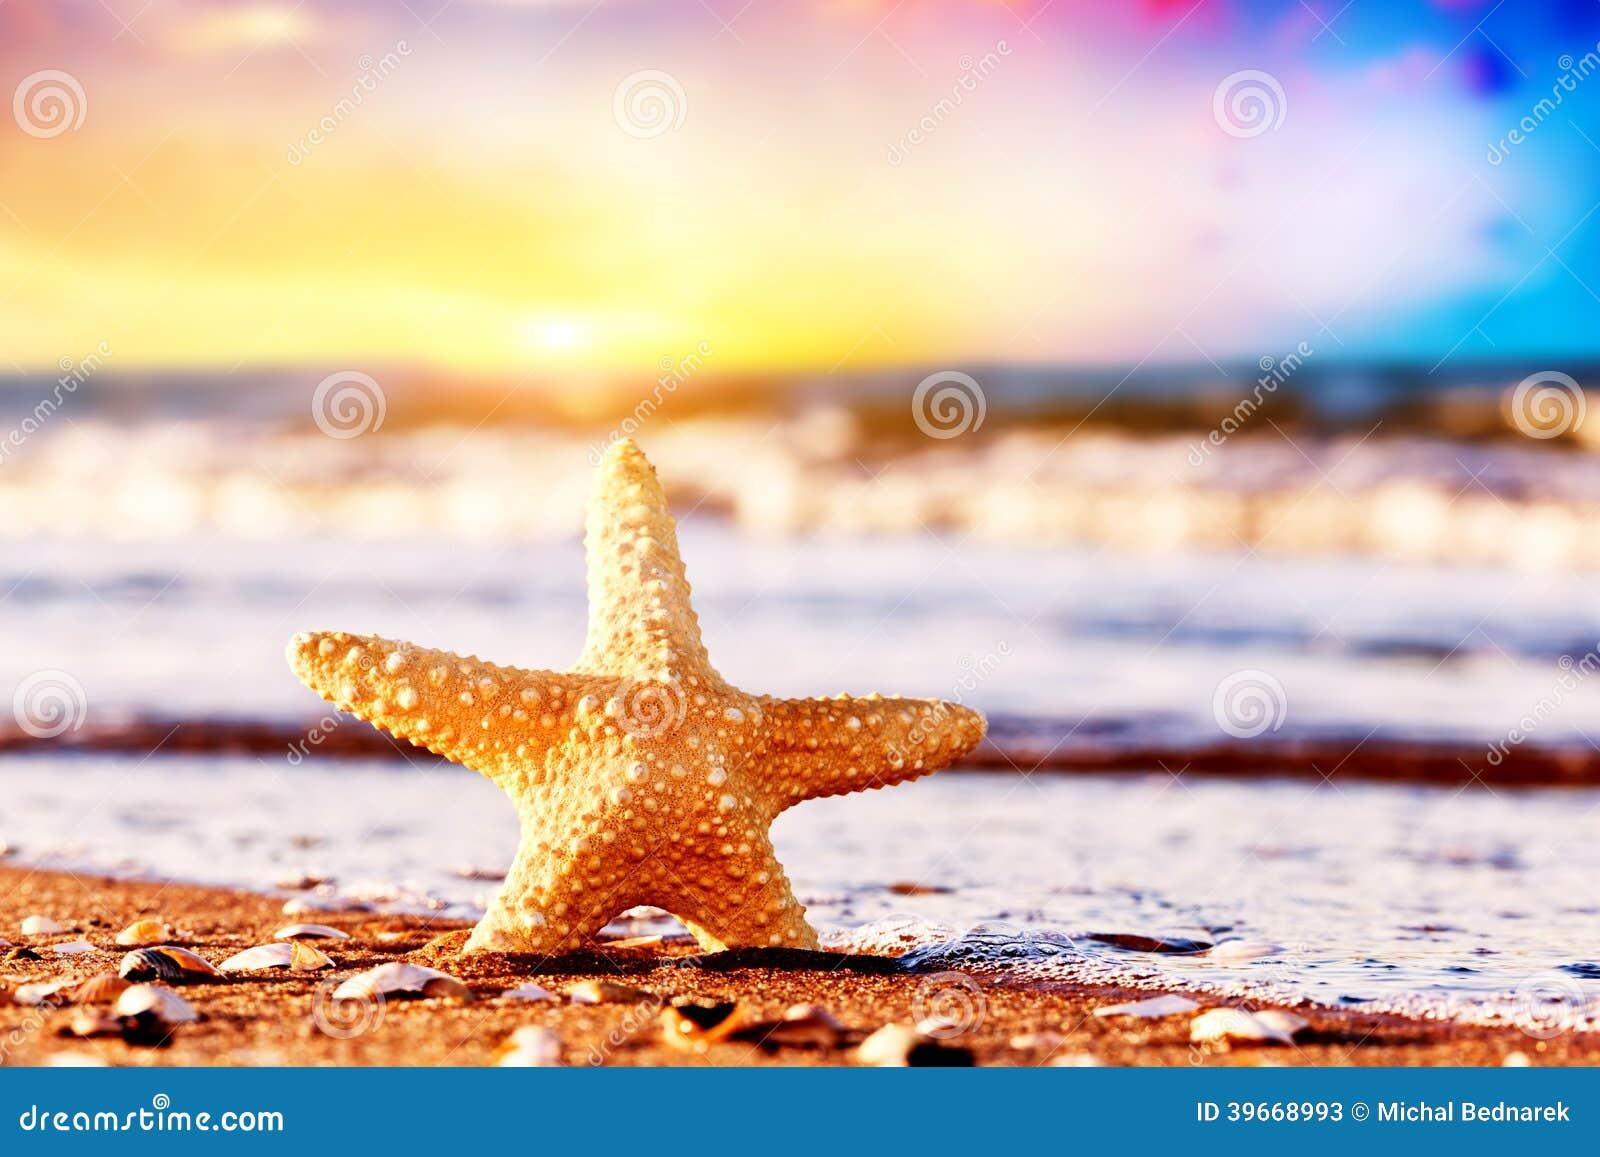 Starfish auf dem Strand bei warmem Sonnenuntergang. Reise, Ferien